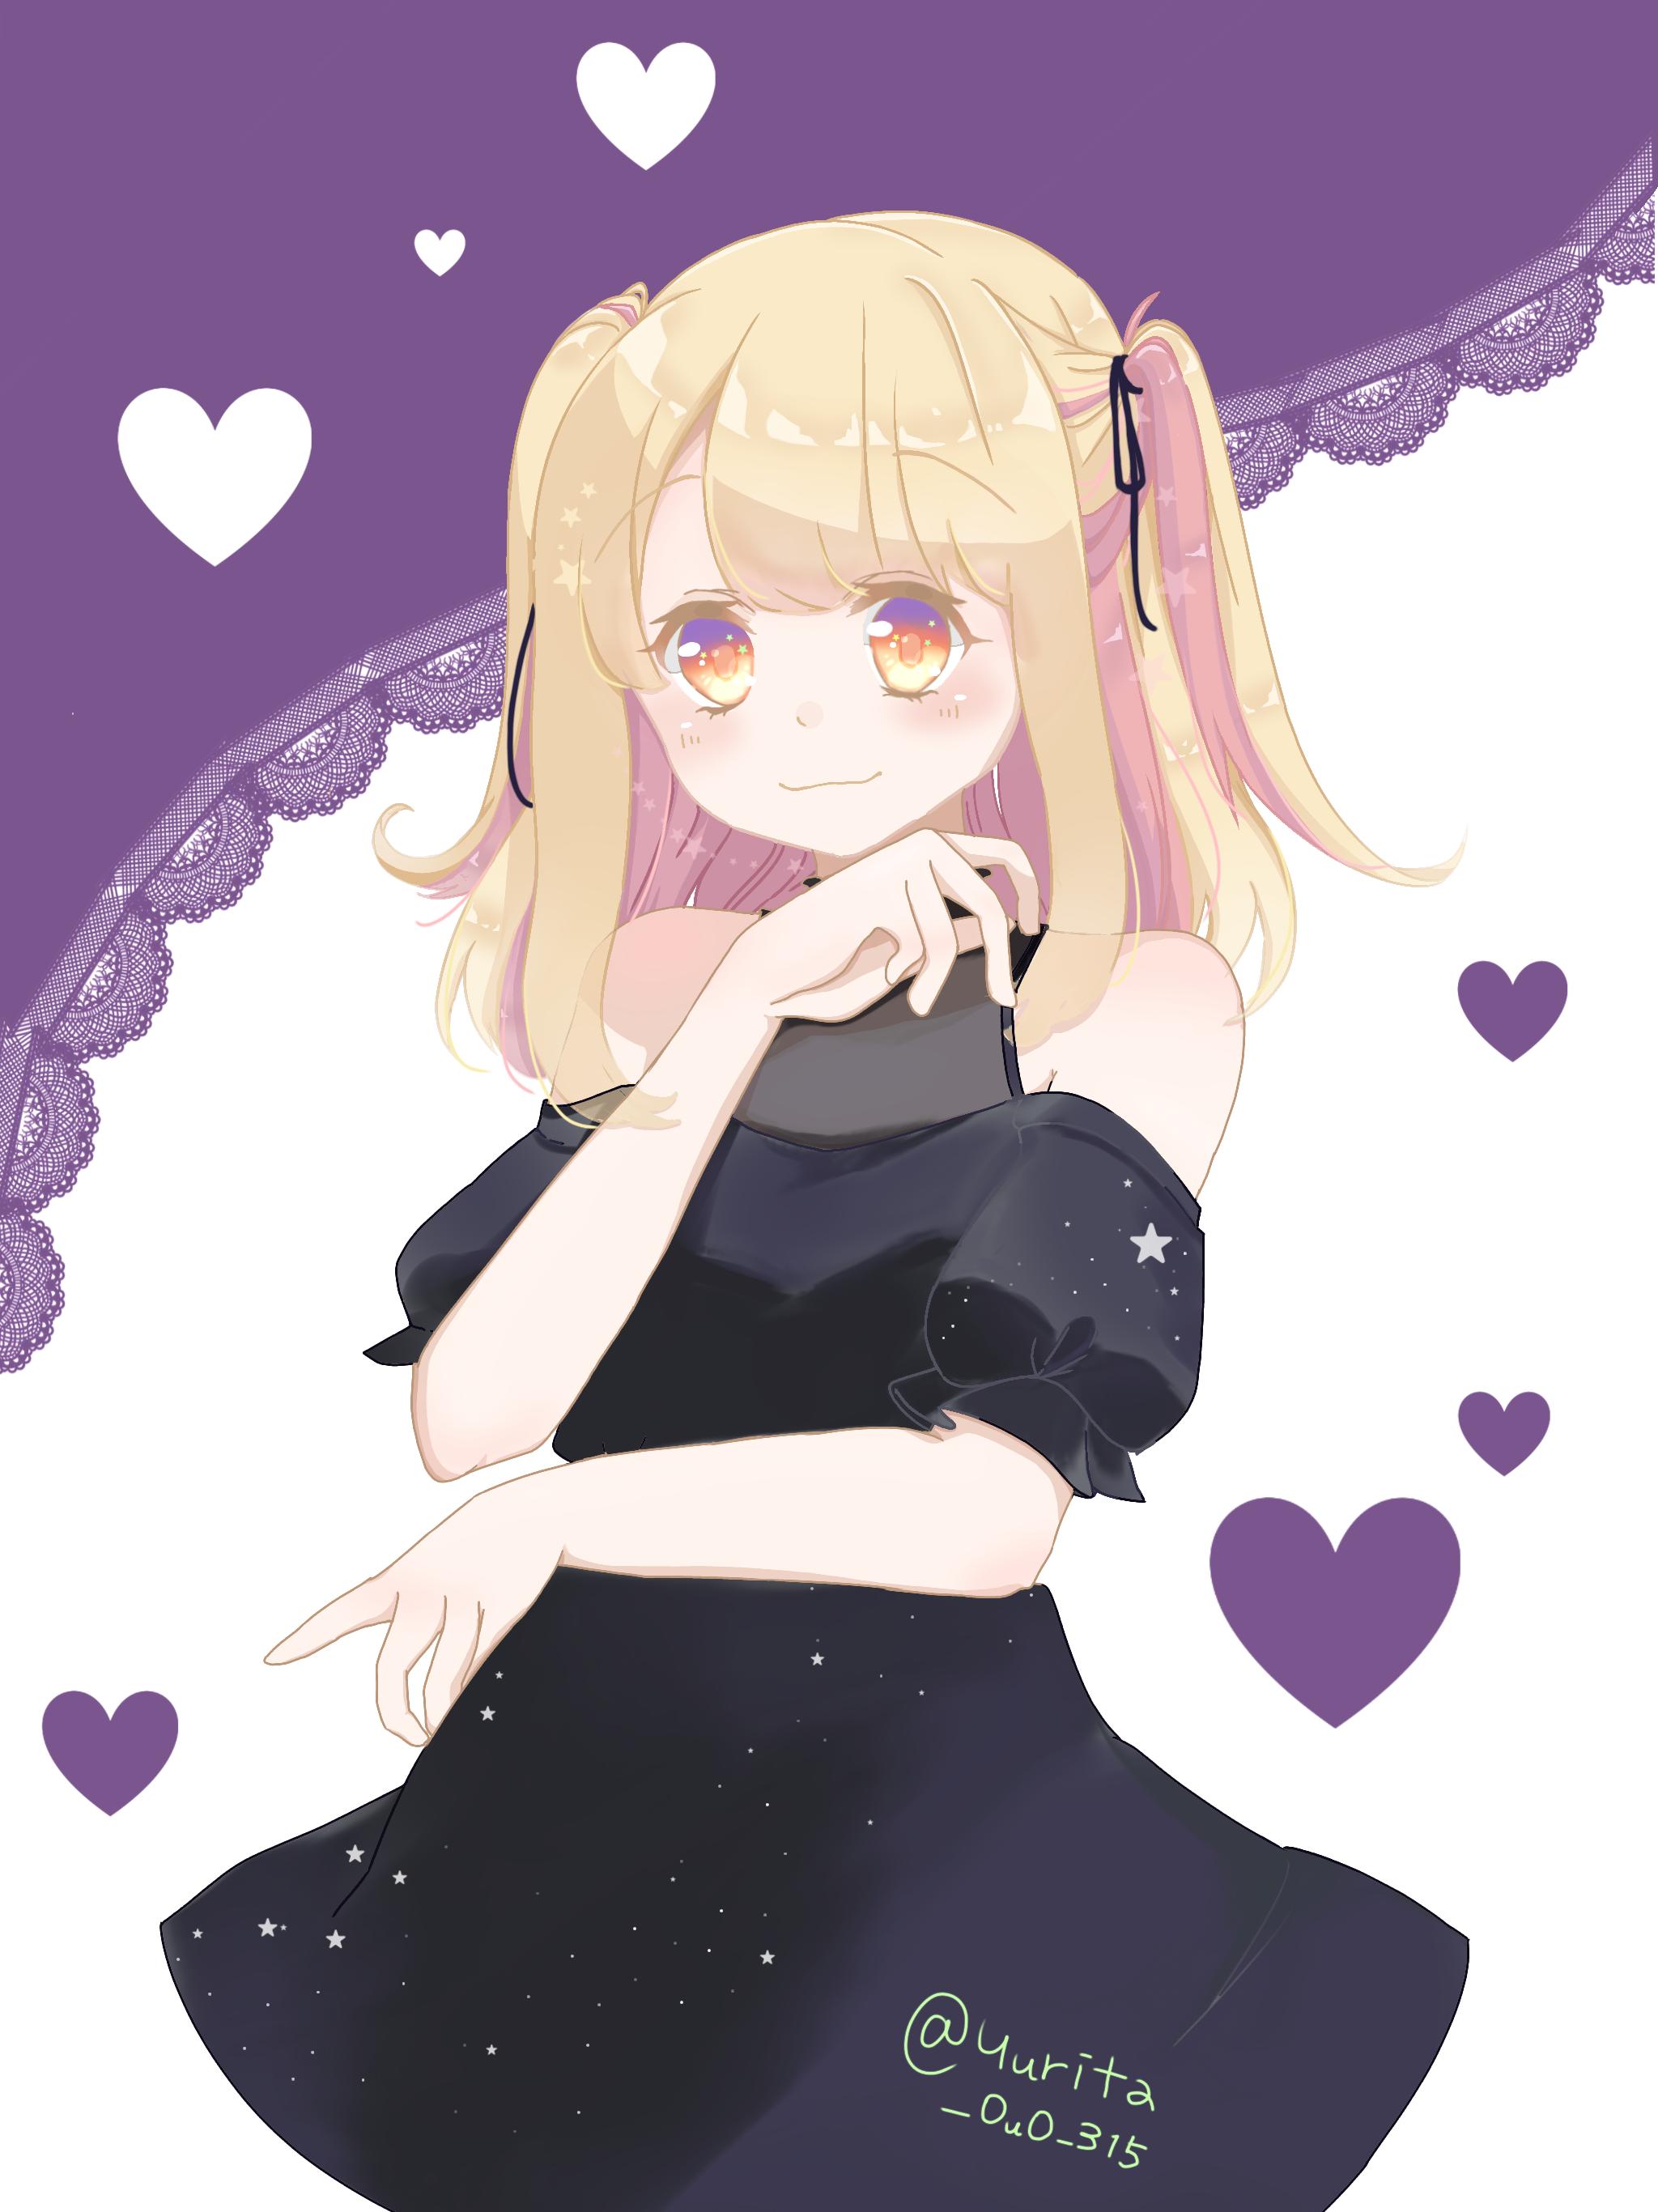 星のドレス 金髪 インナーカラー 女の子 オリジナル フリーアイコン